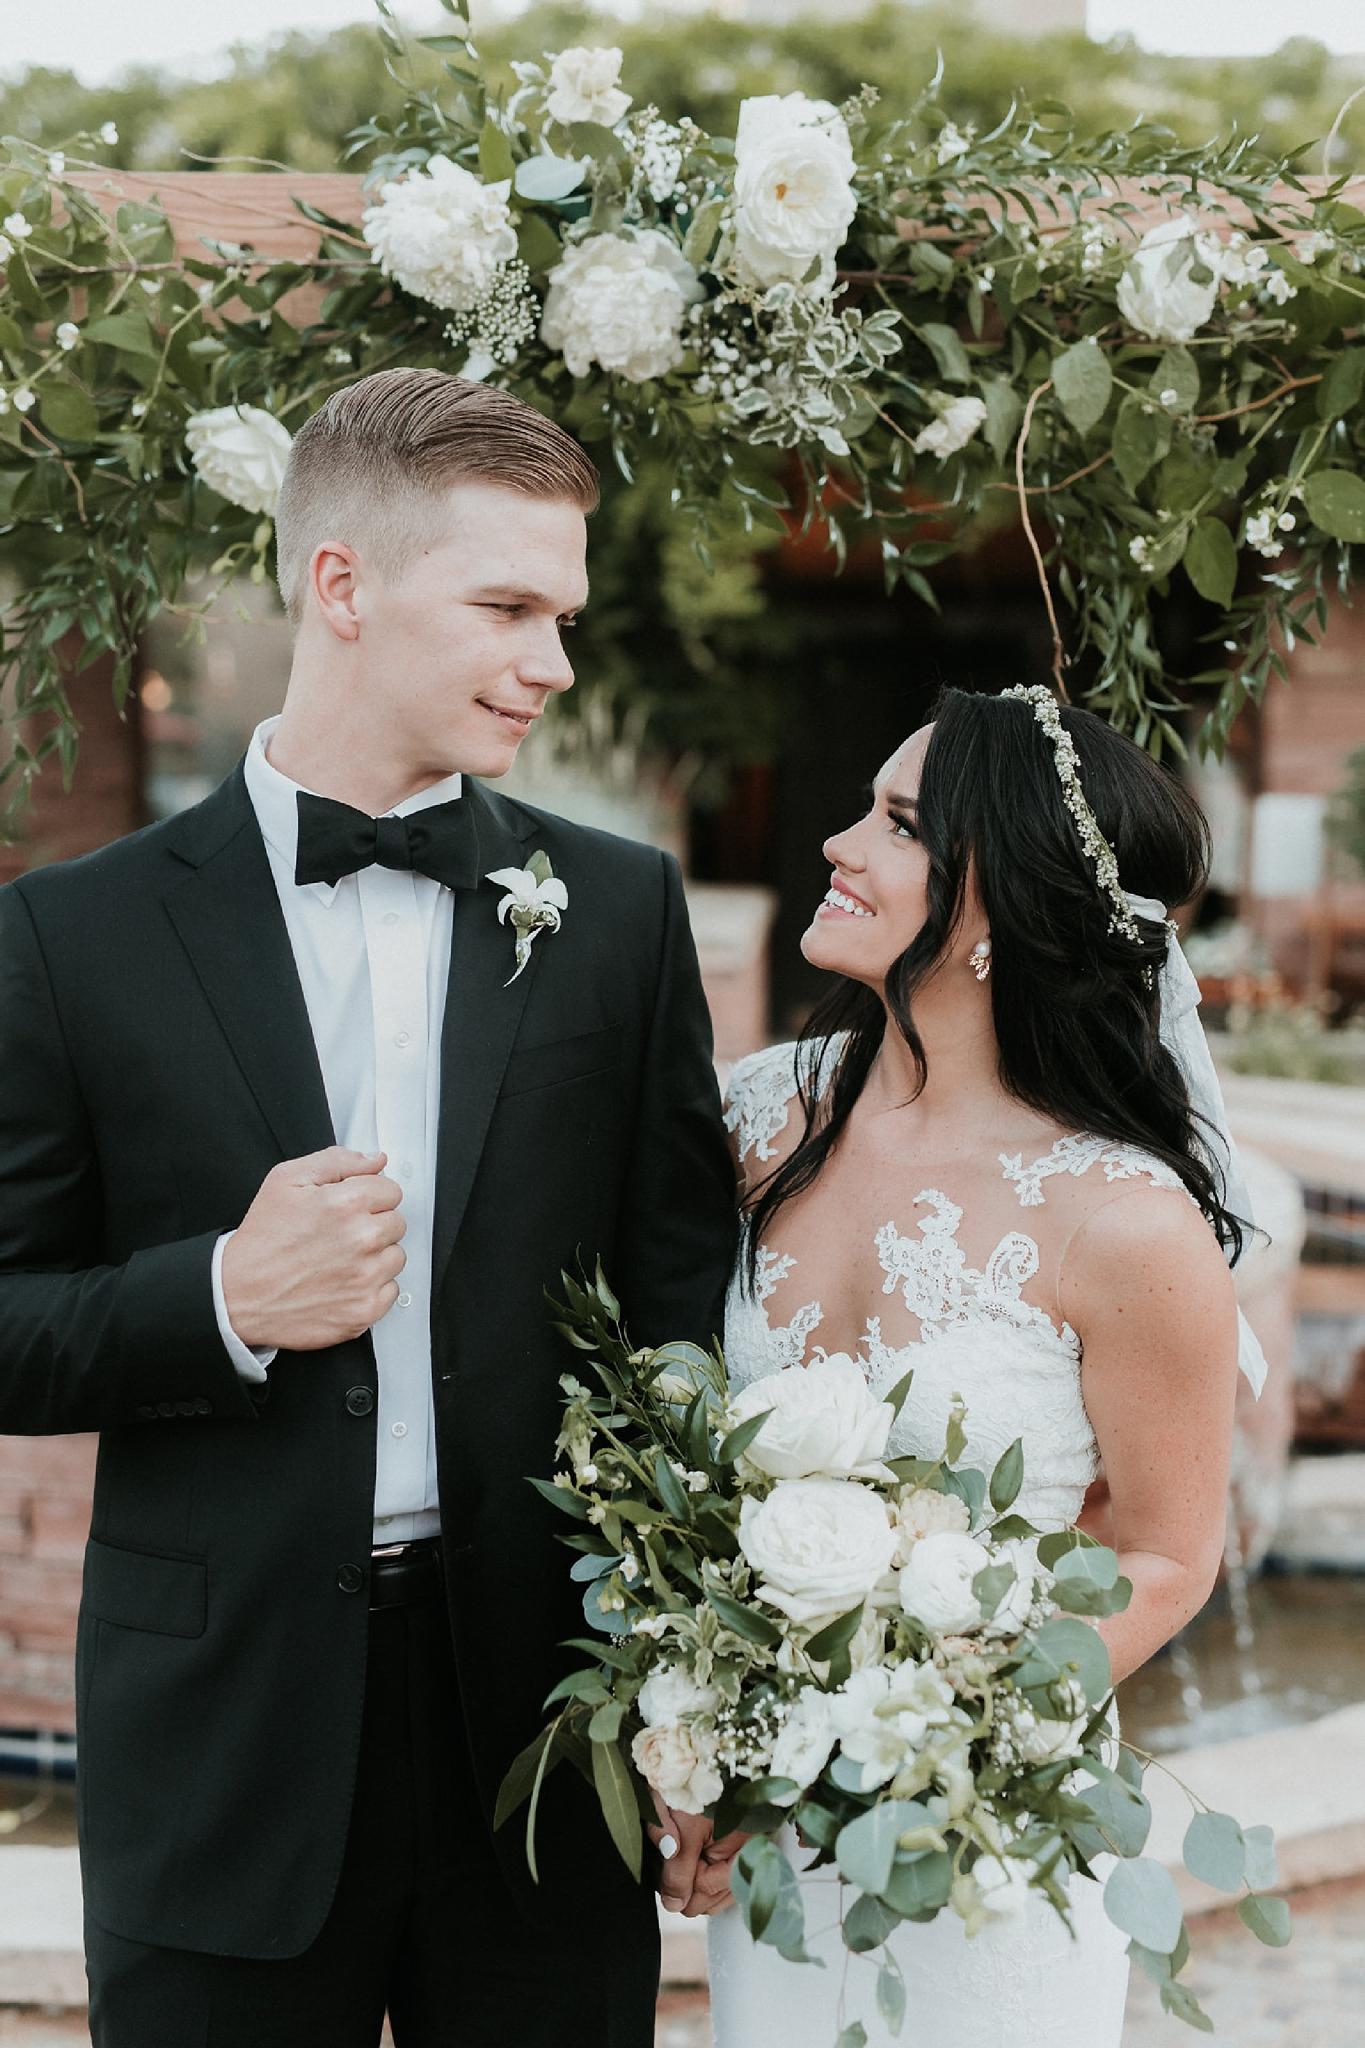 Alicia+lucia+photography+-+albuquerque+wedding+photographer+-+santa+fe+wedding+photography+-+new+mexico+wedding+photographer+-+wedding+ceremony+-+wedding+alter+-+floral+alter_0019.jpg